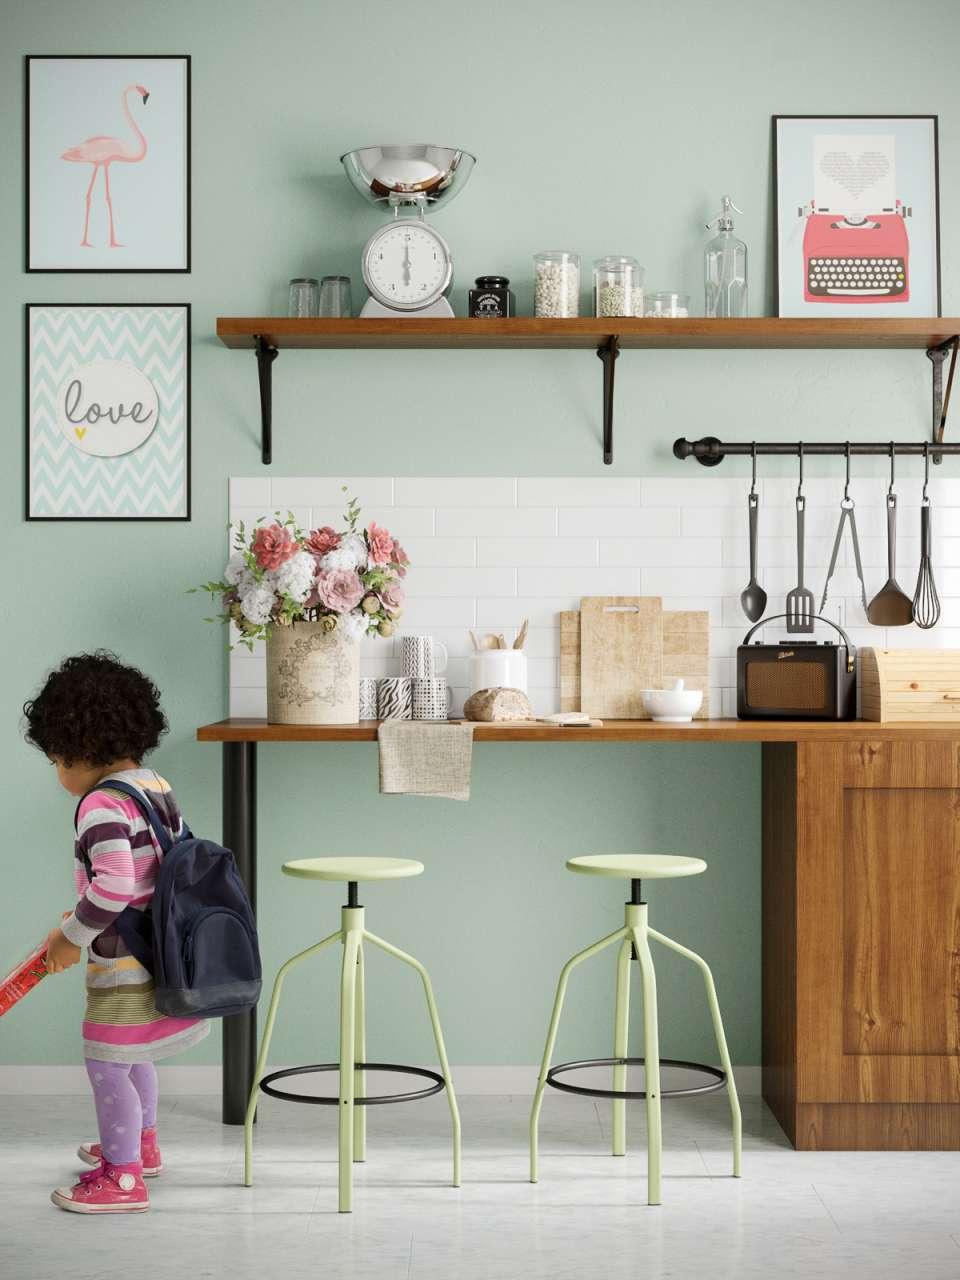 33 ایده طراحی آشپزخانه سبز رنگ - Green Kitchens 11